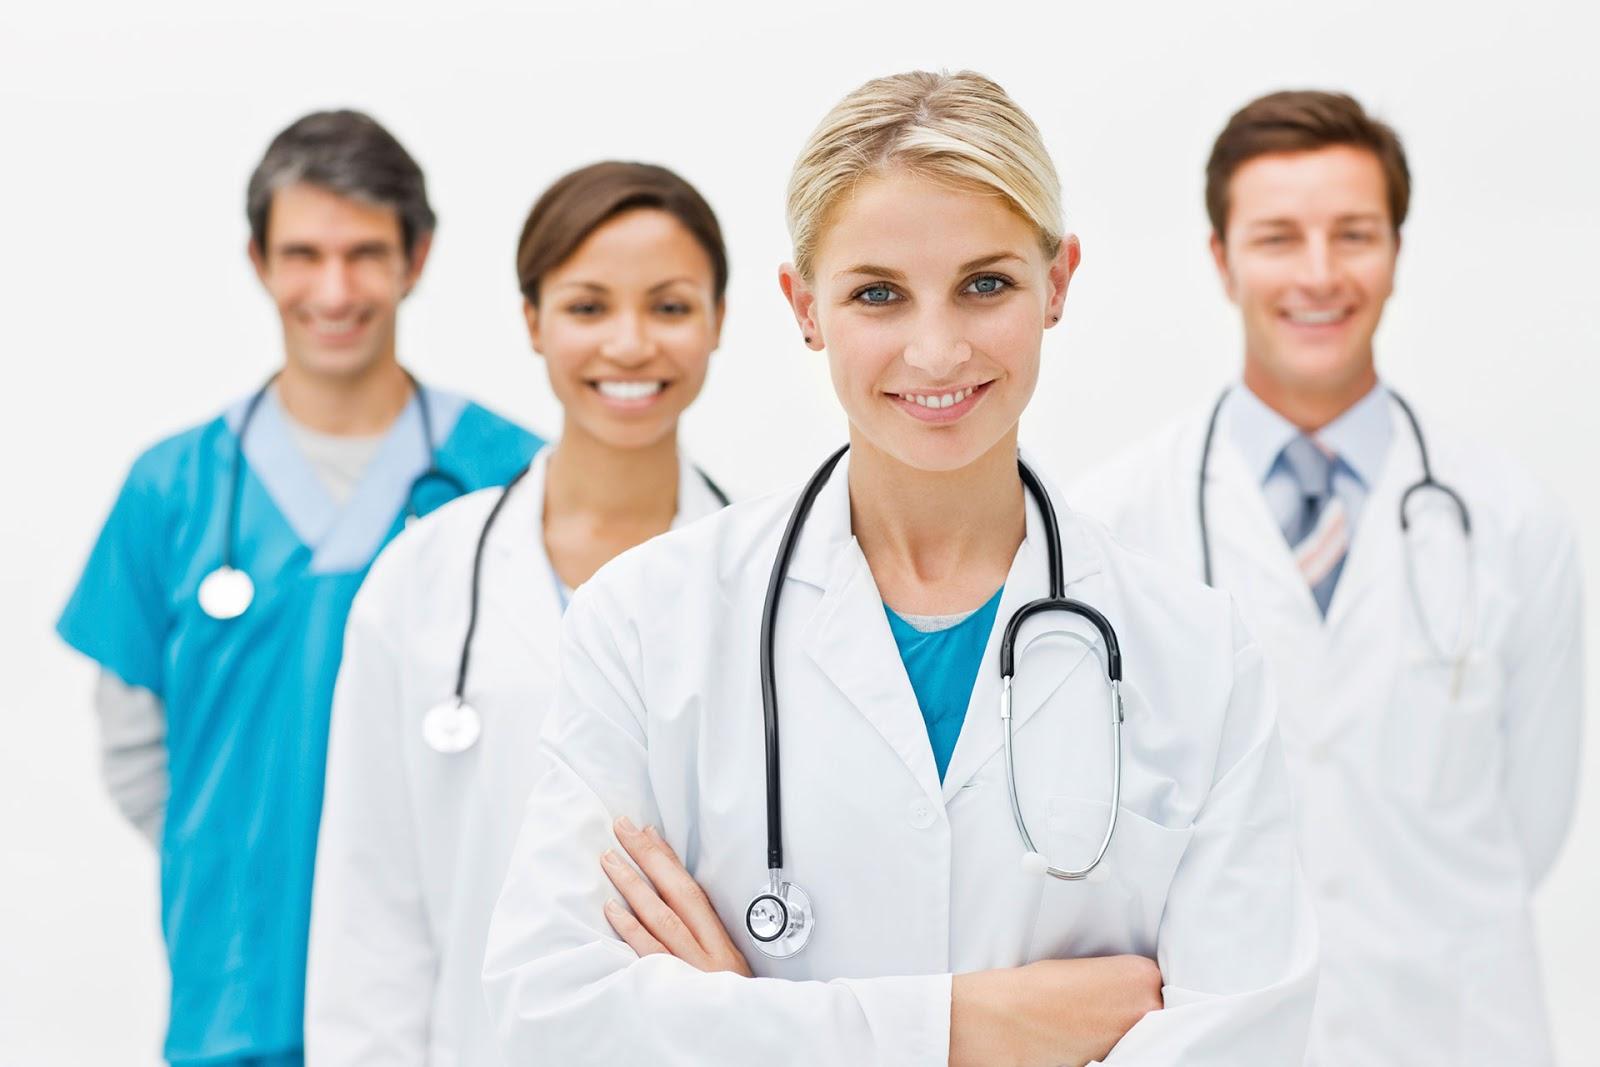 Học y sĩ đa khoa ra trường làm gì ? là băn khoăn của rất nhiều bạn trẻ khi chọn học ngành này ?